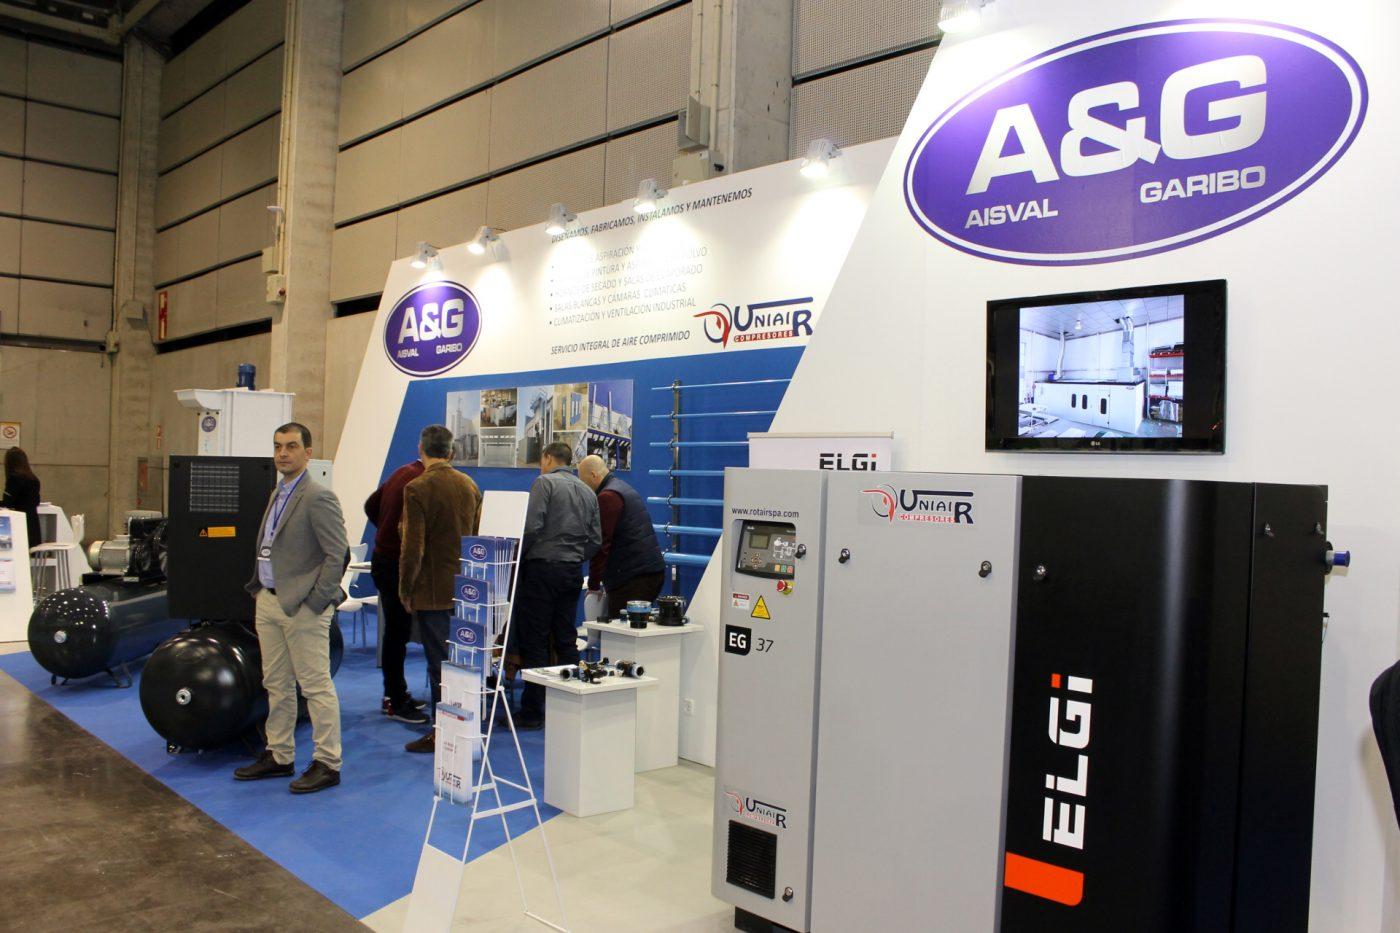 A&G distribuye los compresores ELGI y UNIAIR